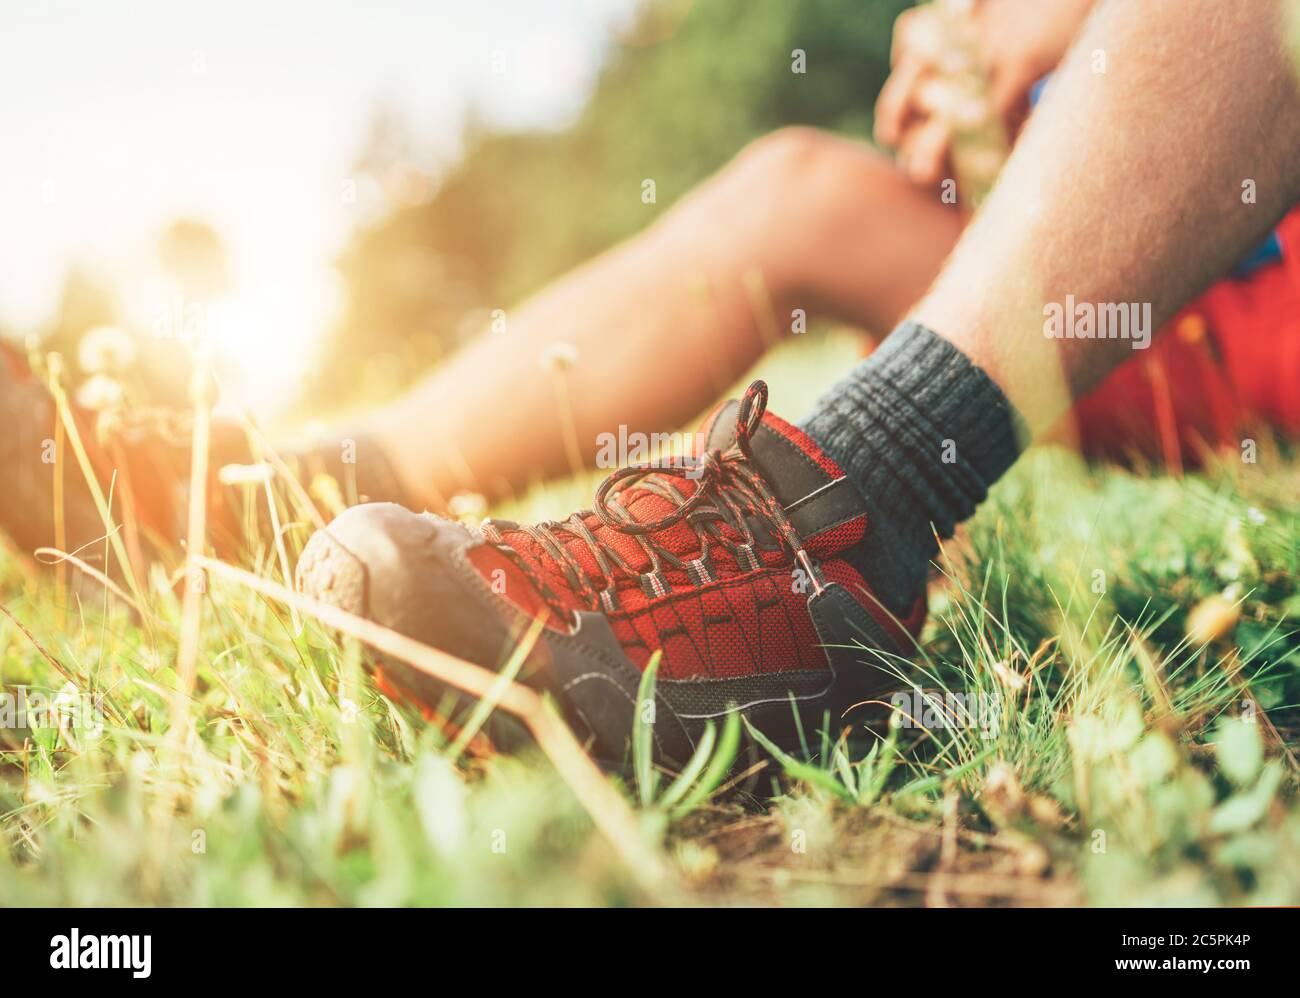 Chaussures de randonnée Backpacker gros plan. L'homme a une pause de repos assis sur l'herbe verte et appréciant la randonnée de montagne, sport actif Backpacking santé Banque D'Images